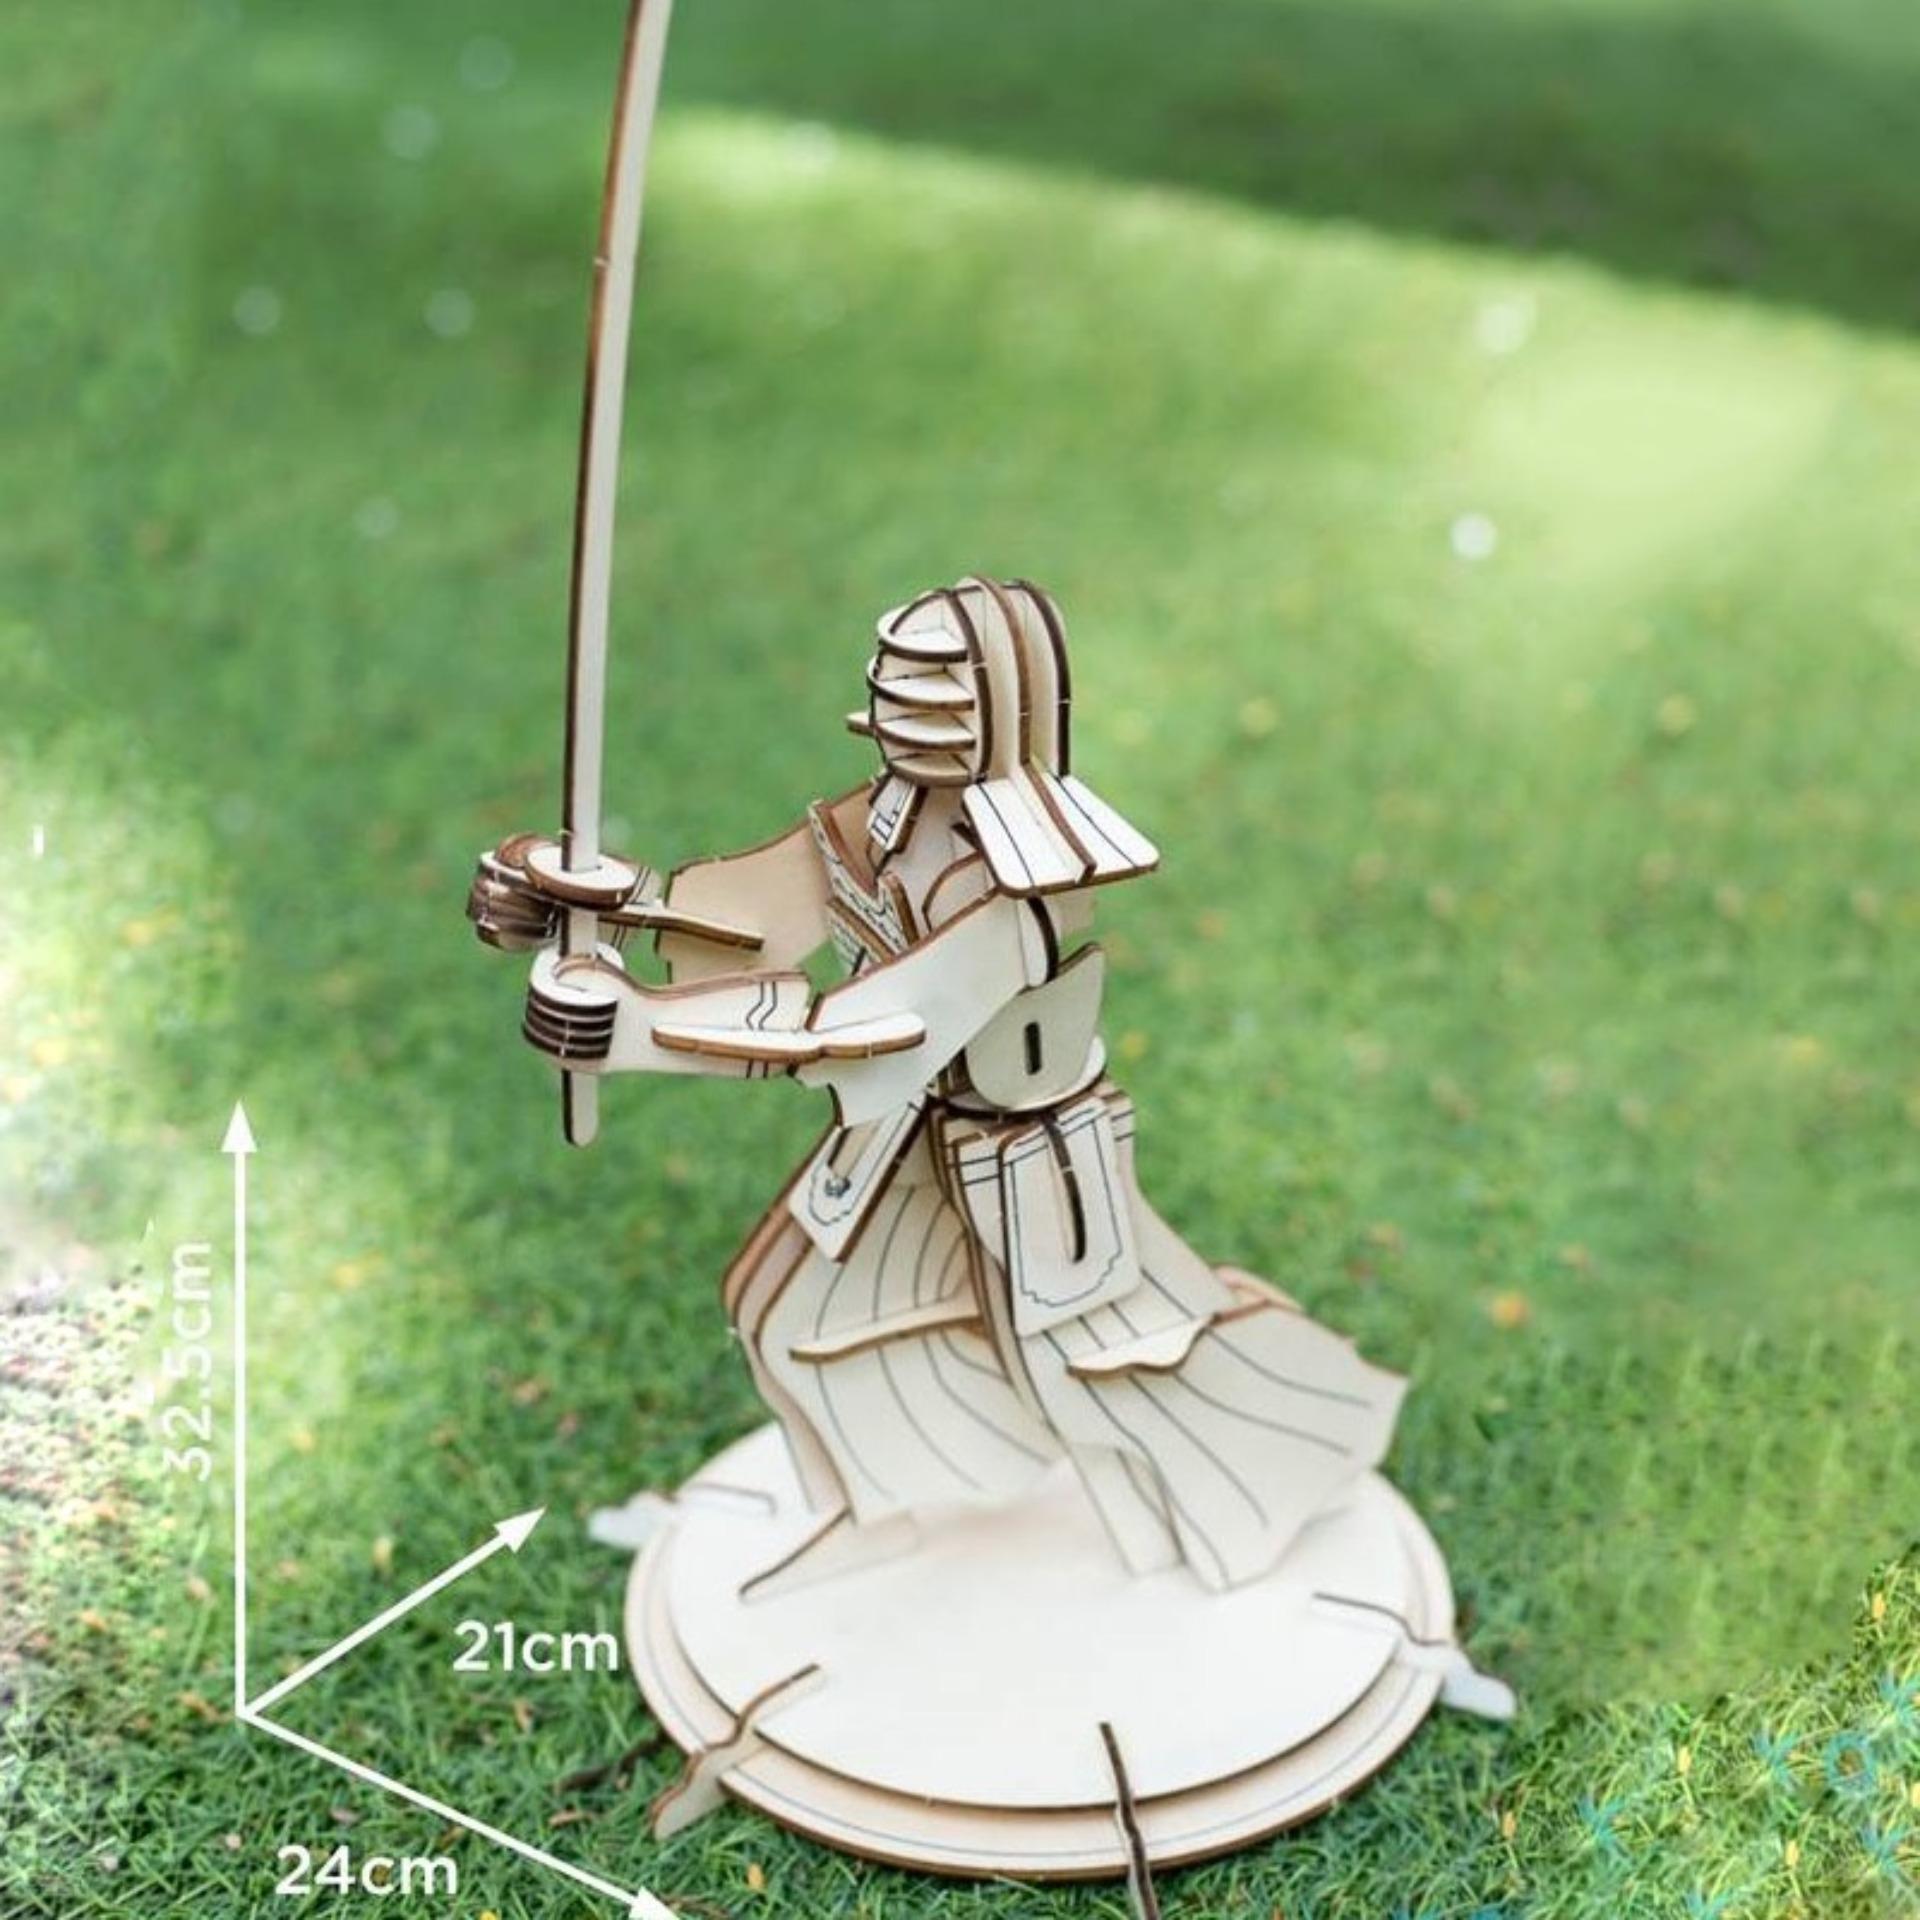 Hình ảnh Đồ chơi lắp ráp gỗ 3D Mô hình Võ sỹ Samurai